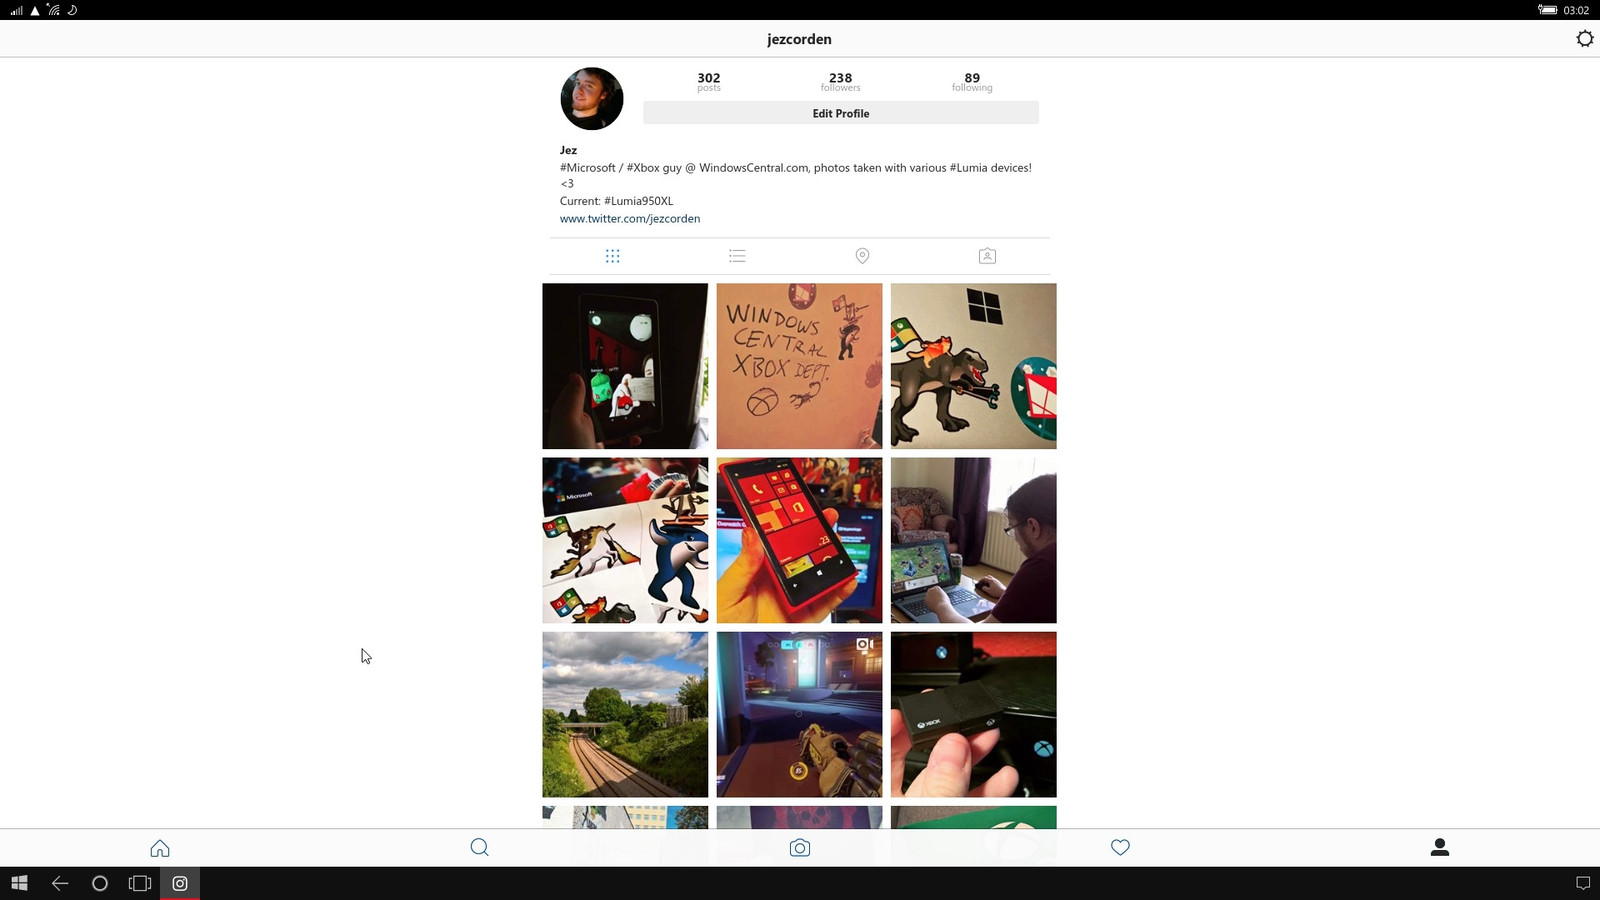 instagram-continuum